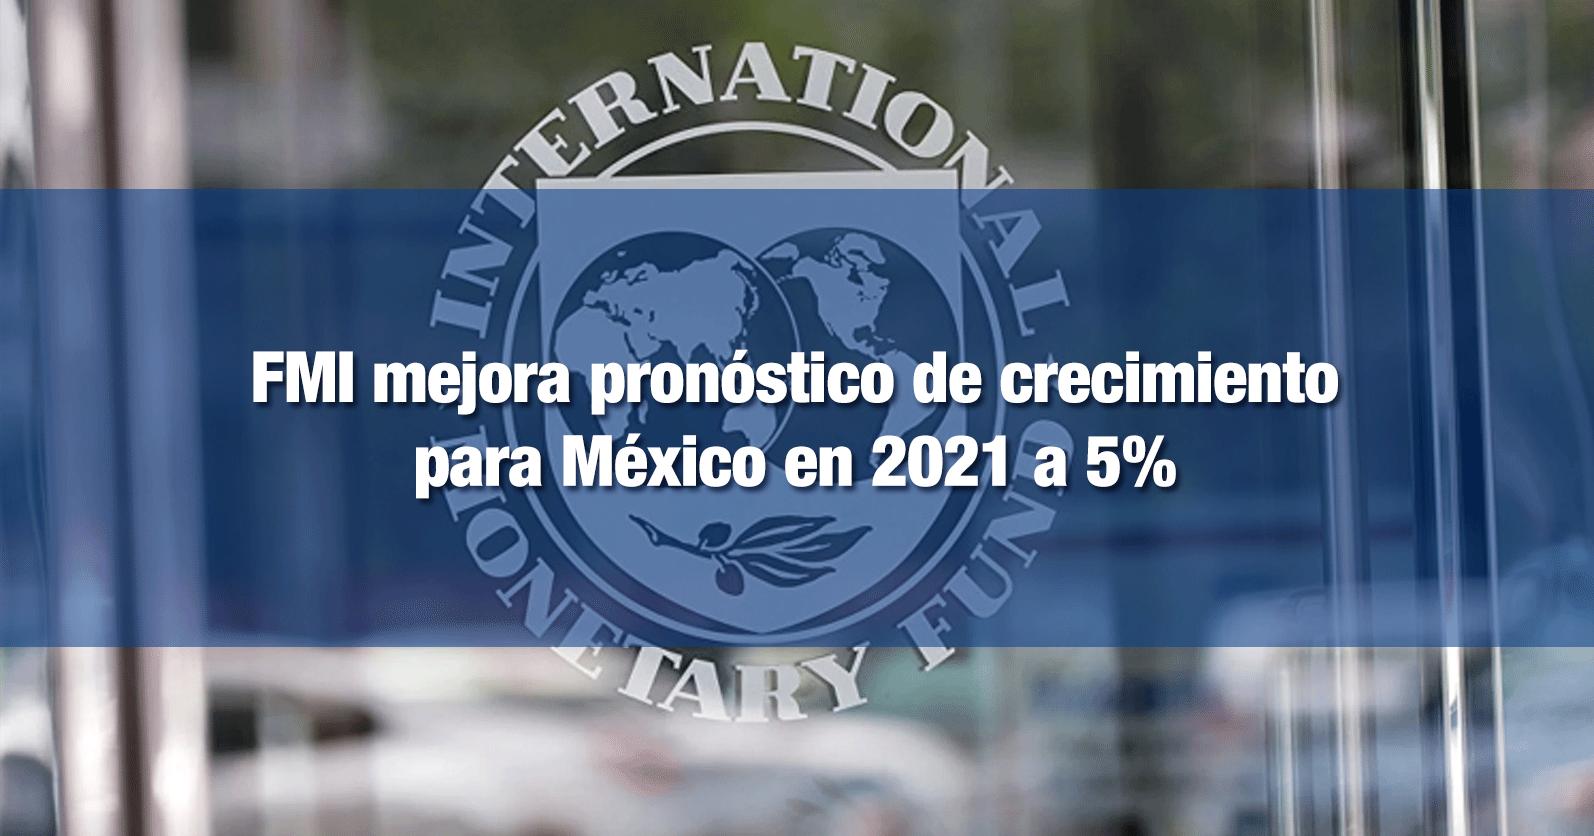 FMI mejora pronóstico de crecimiento para México en 2021 a 5%